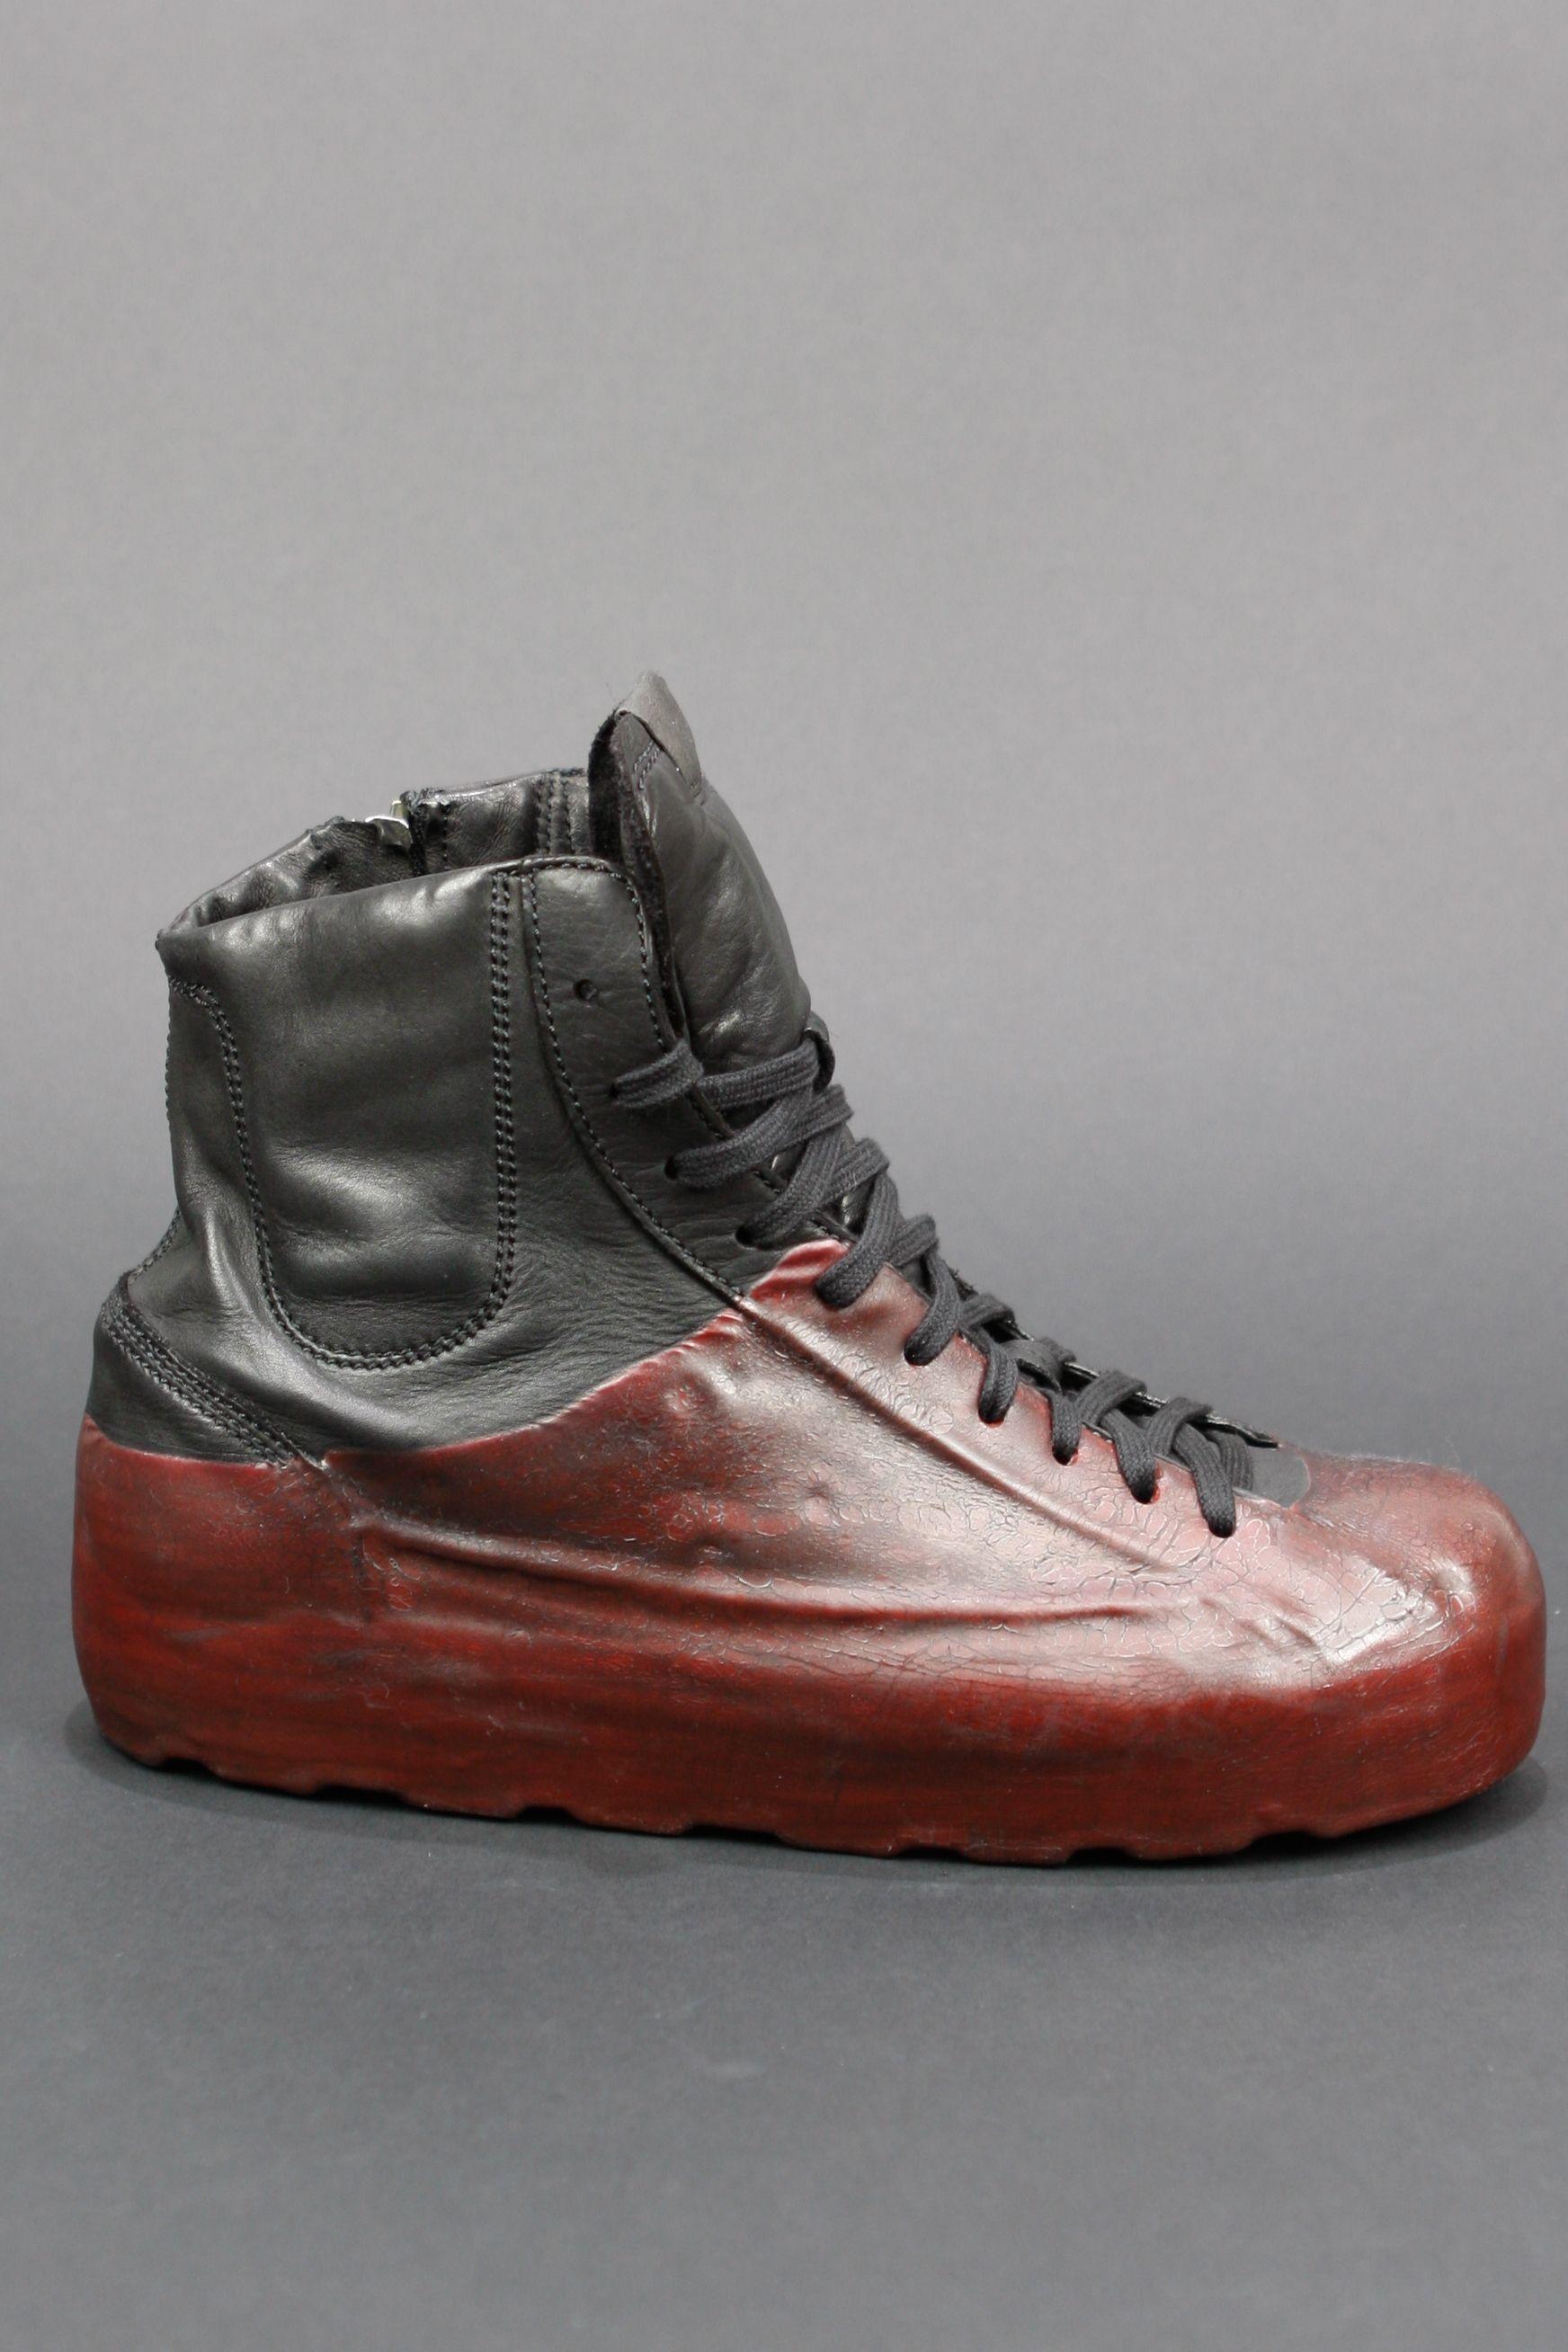 FOOTWEAR - Sandals O.X.S. KeAApVz